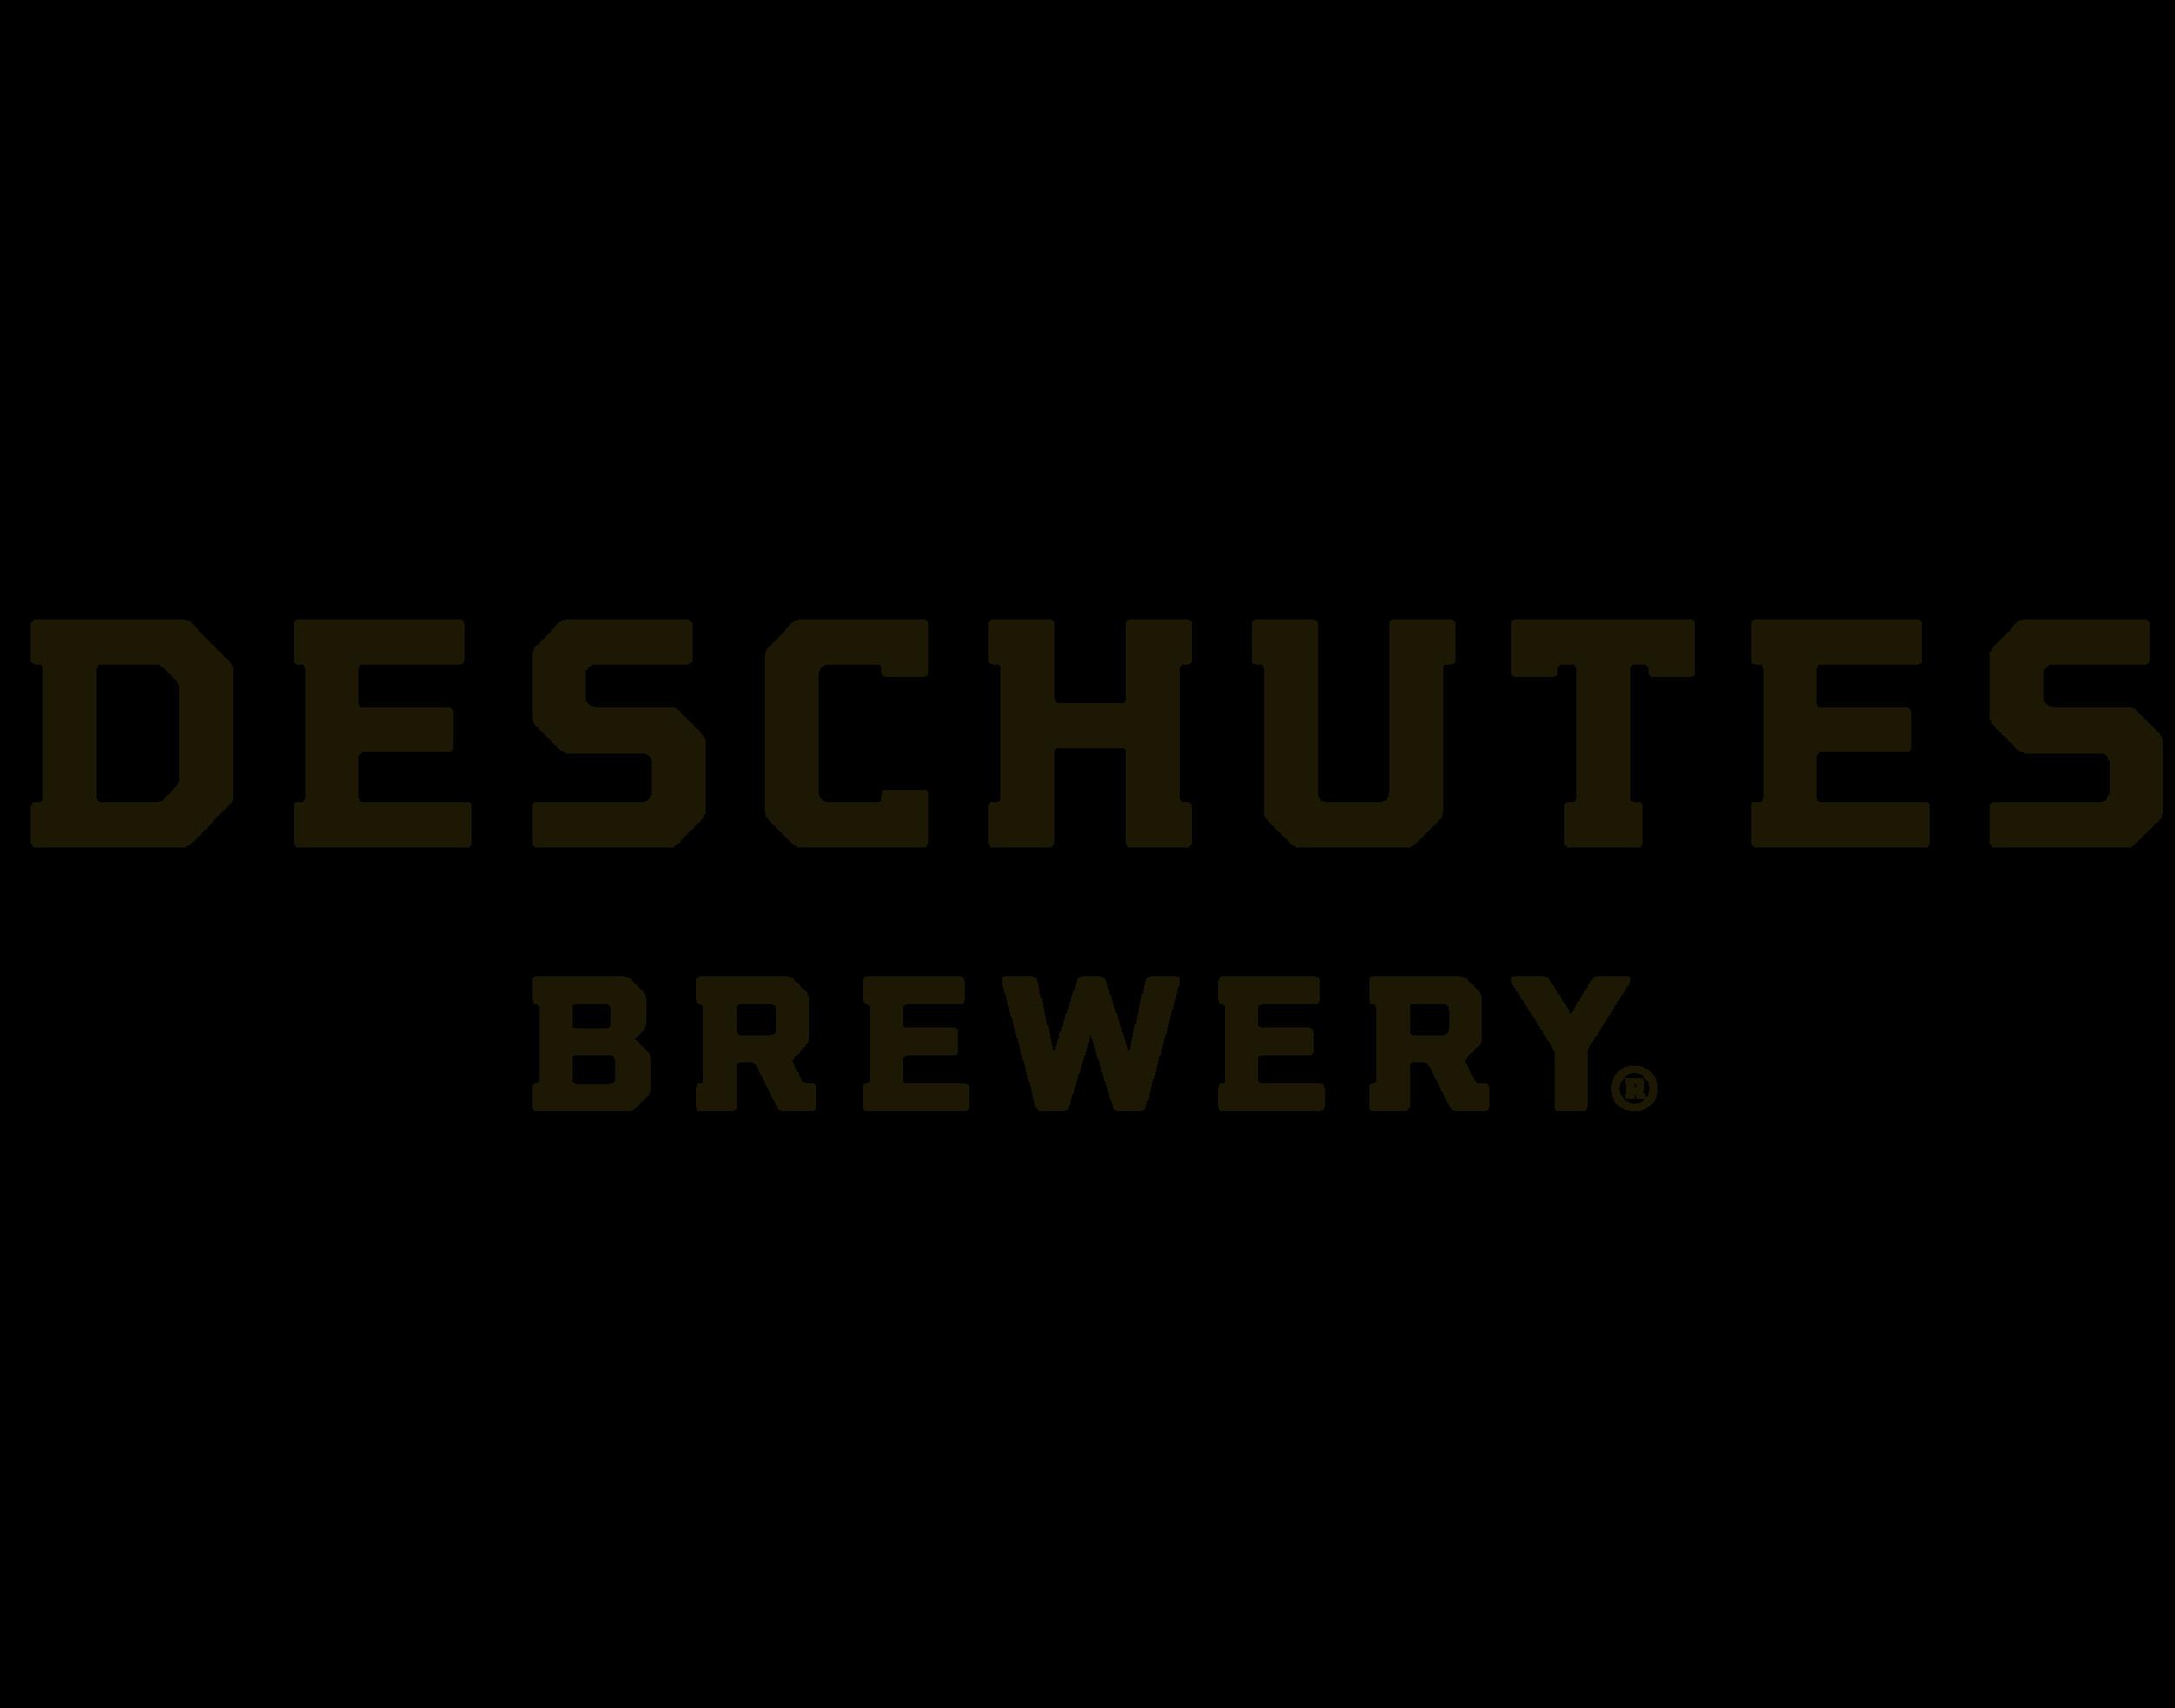 Deschutes Brewery logo. Links to Deschutes Brewery website.